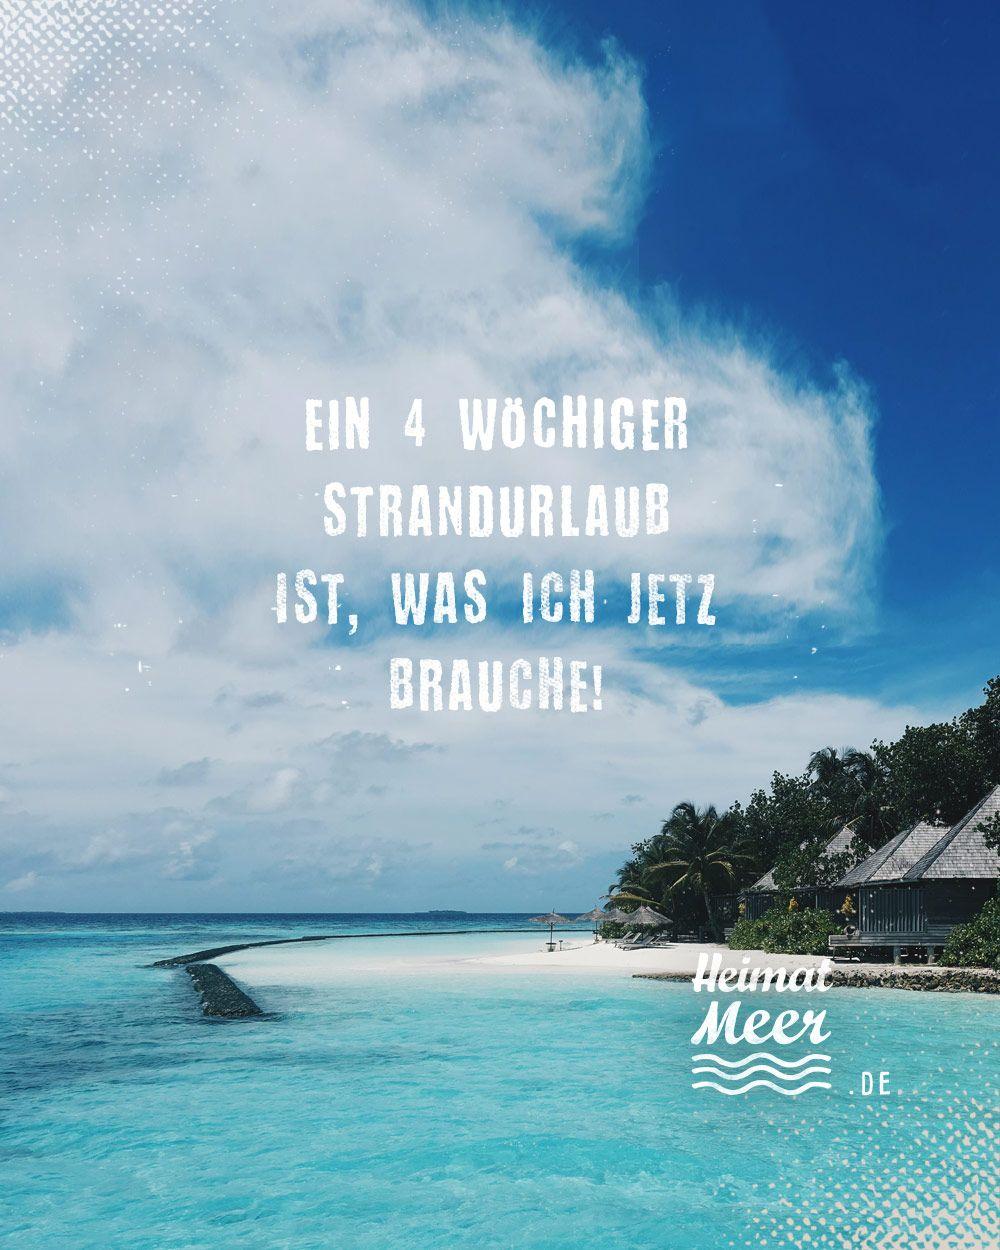 4 Wochen Strandurlaub Mee H R Von Heimatmeer Strandurlaub Urlaub Strand